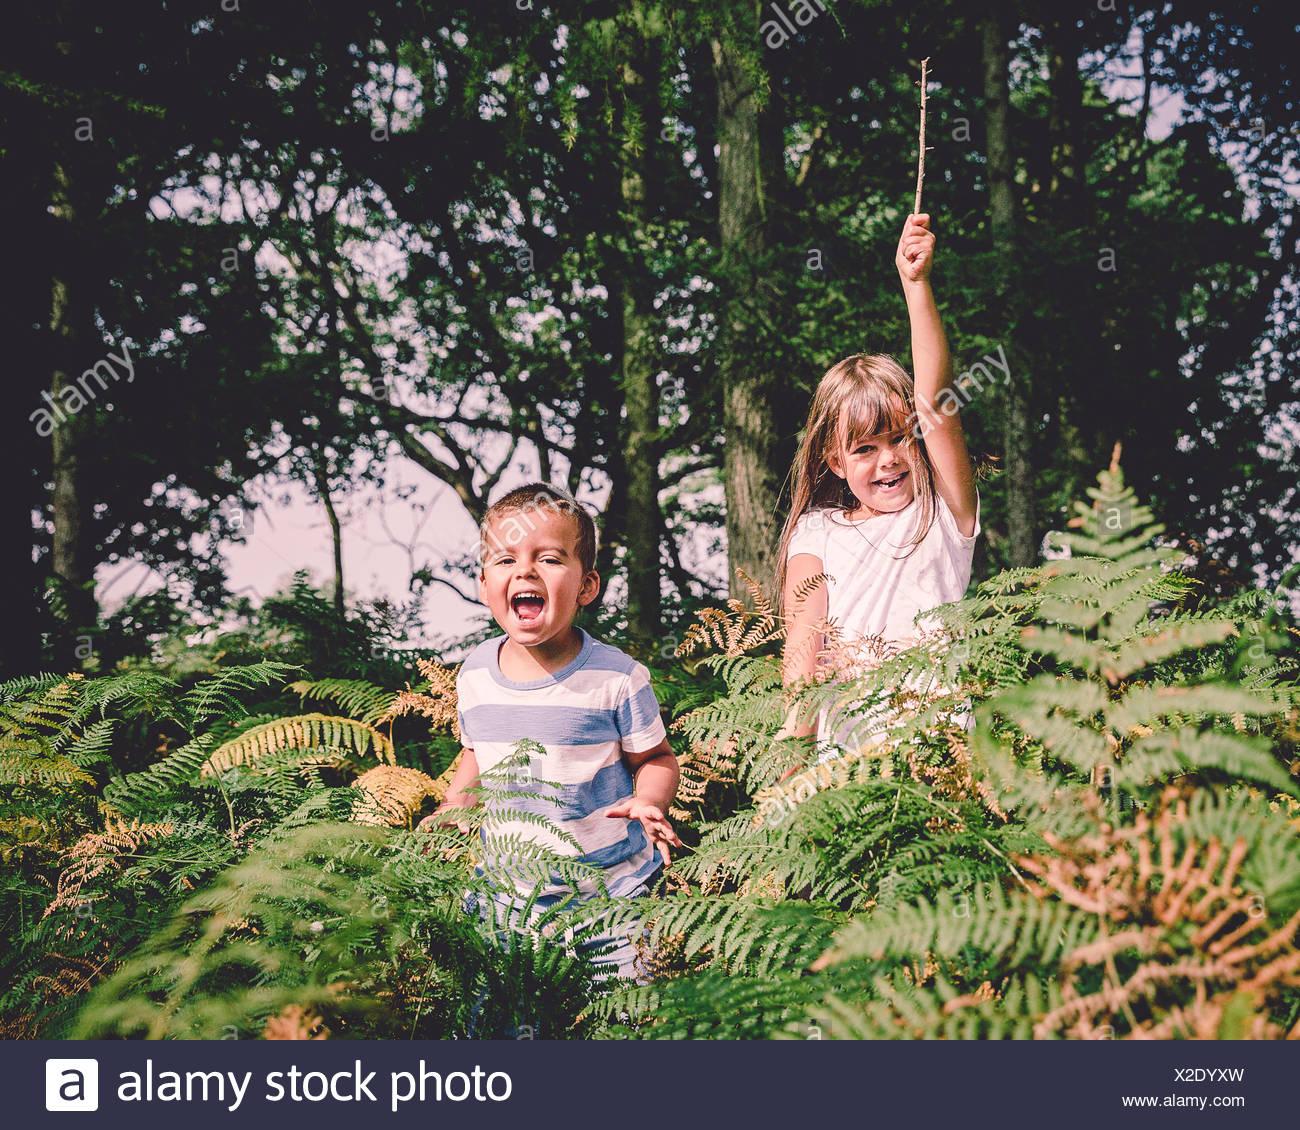 Zwei glückliche Kinder springen von hinter der Farne im Wald Stockbild